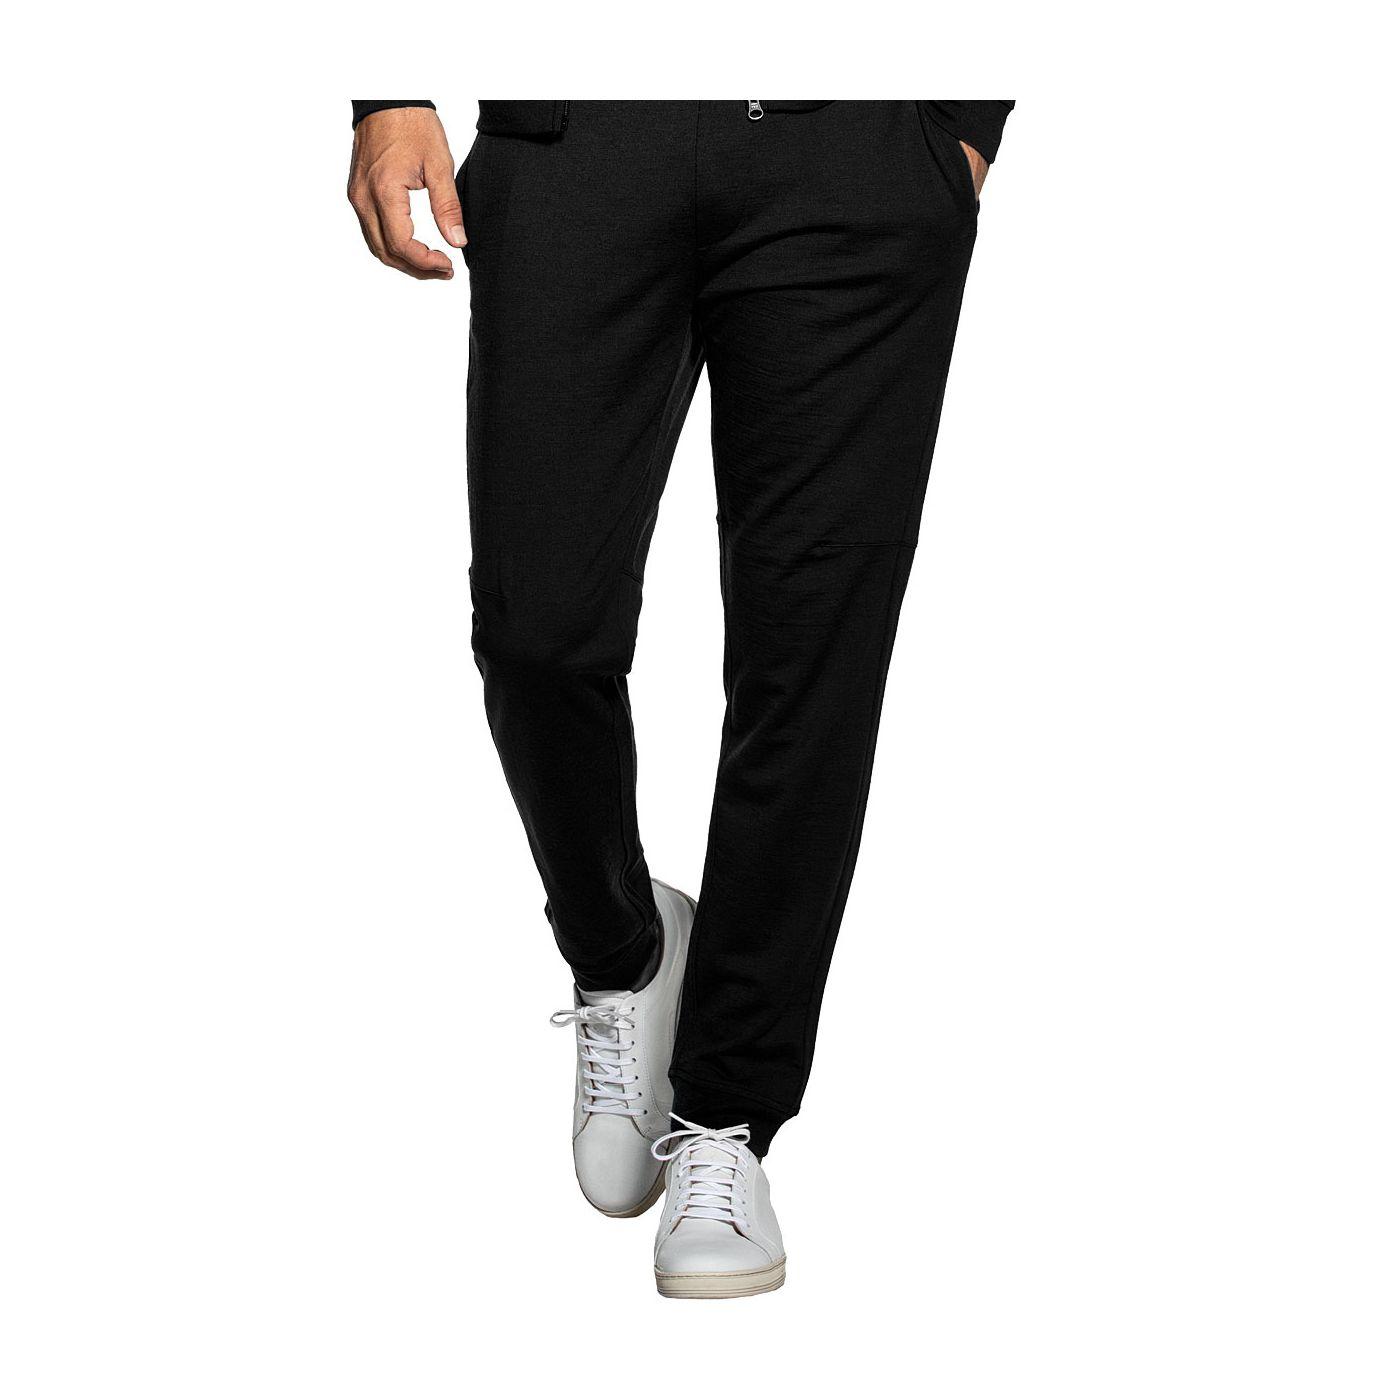 Sweatpants voor mannen gemaakt van merinowol in het Zwart